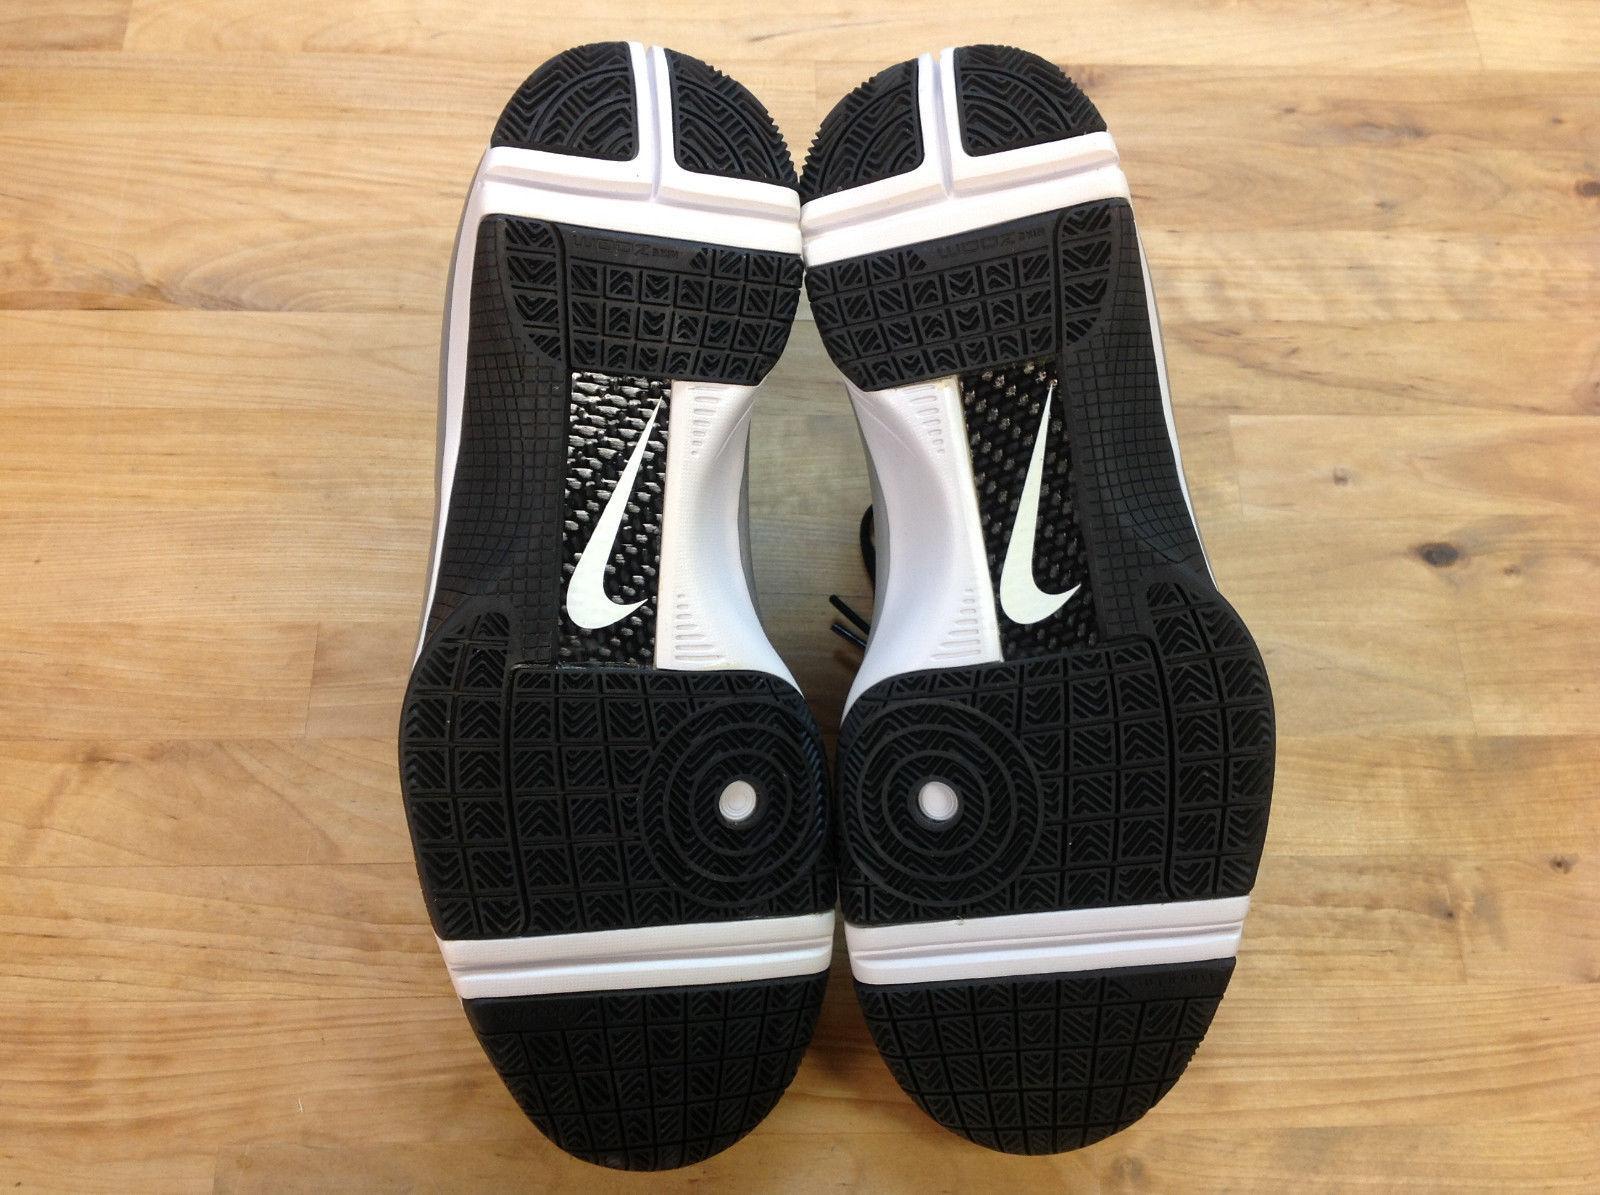 NIKE 367193 111 Women's Hyperize Black/White/Silver Shoes, Size US 11.5, EUR 44